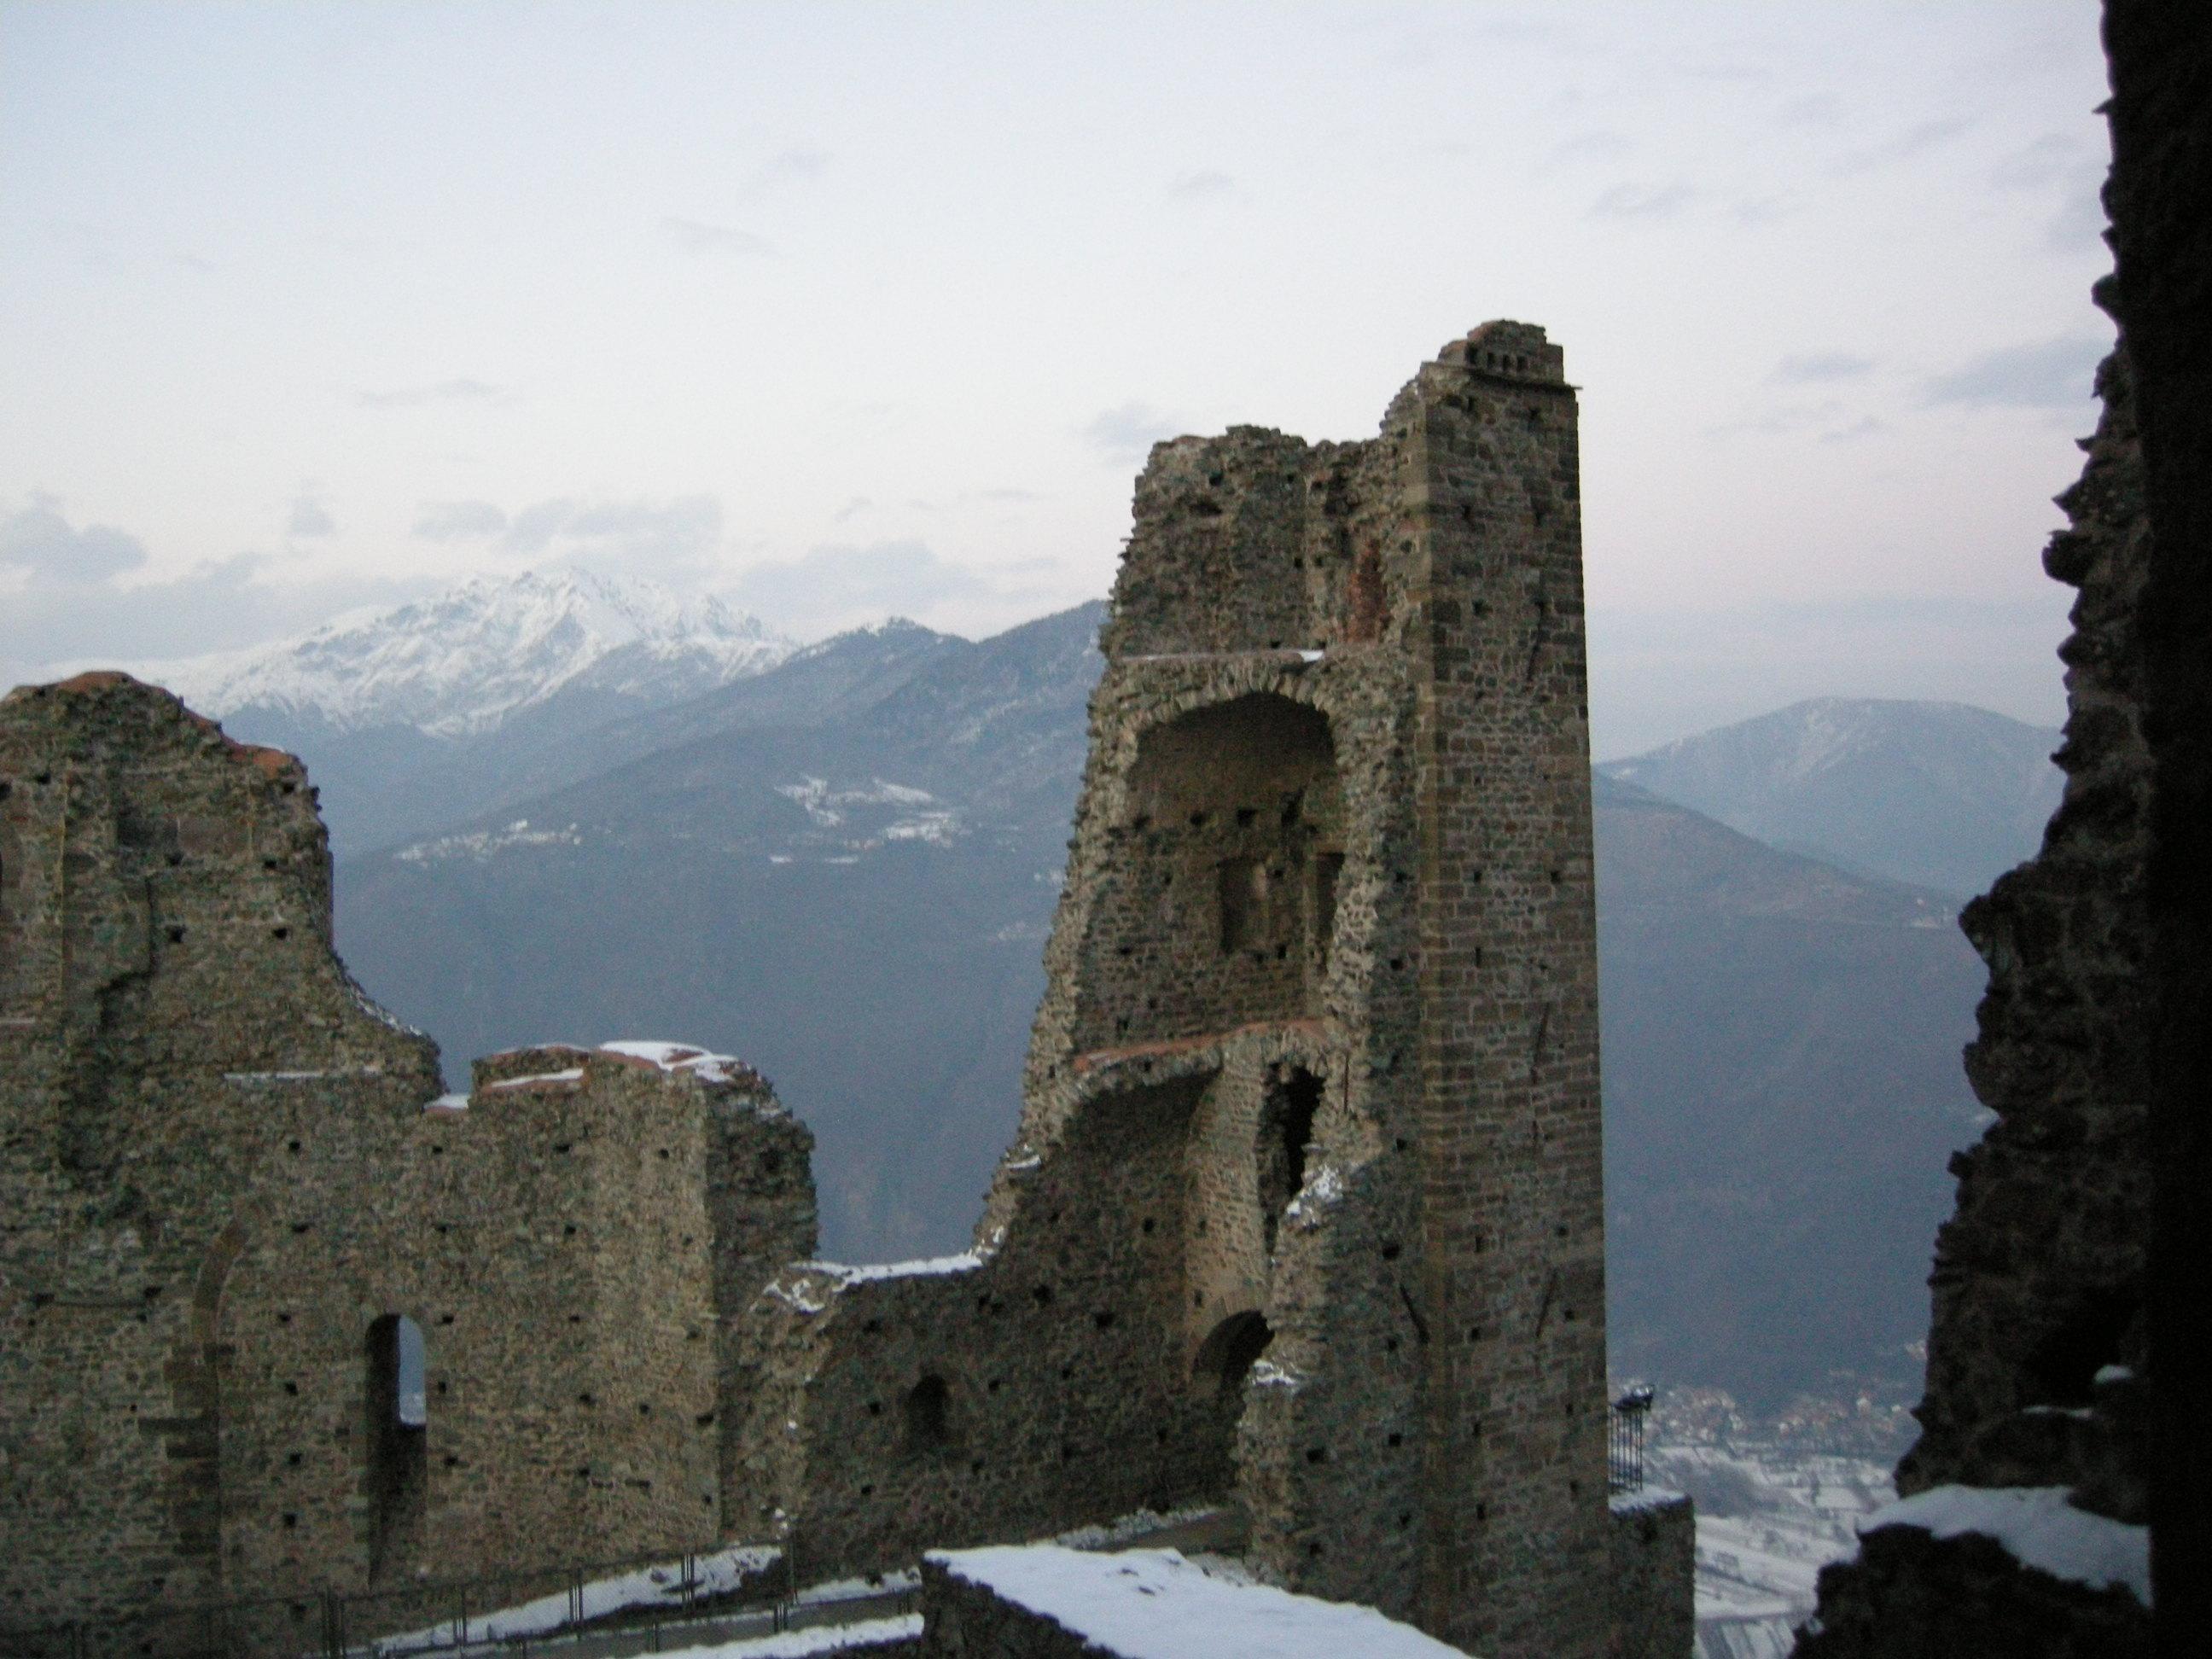 Historie medievali la sacra di san michele for Piani di cabina della torre di fuoco